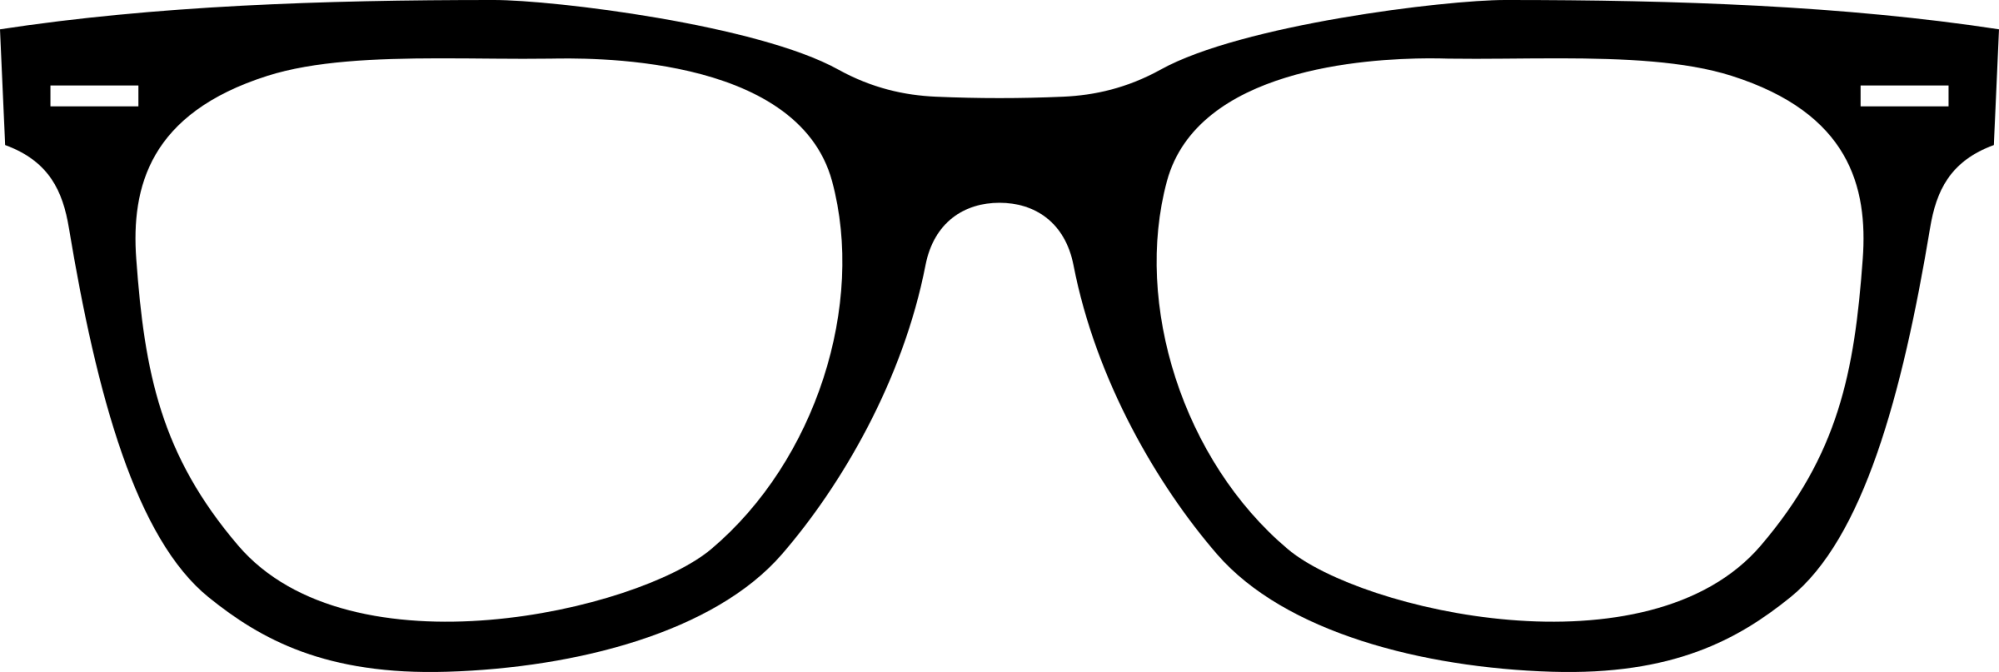 hight resolution of nerd glasses clipart hipster glasses